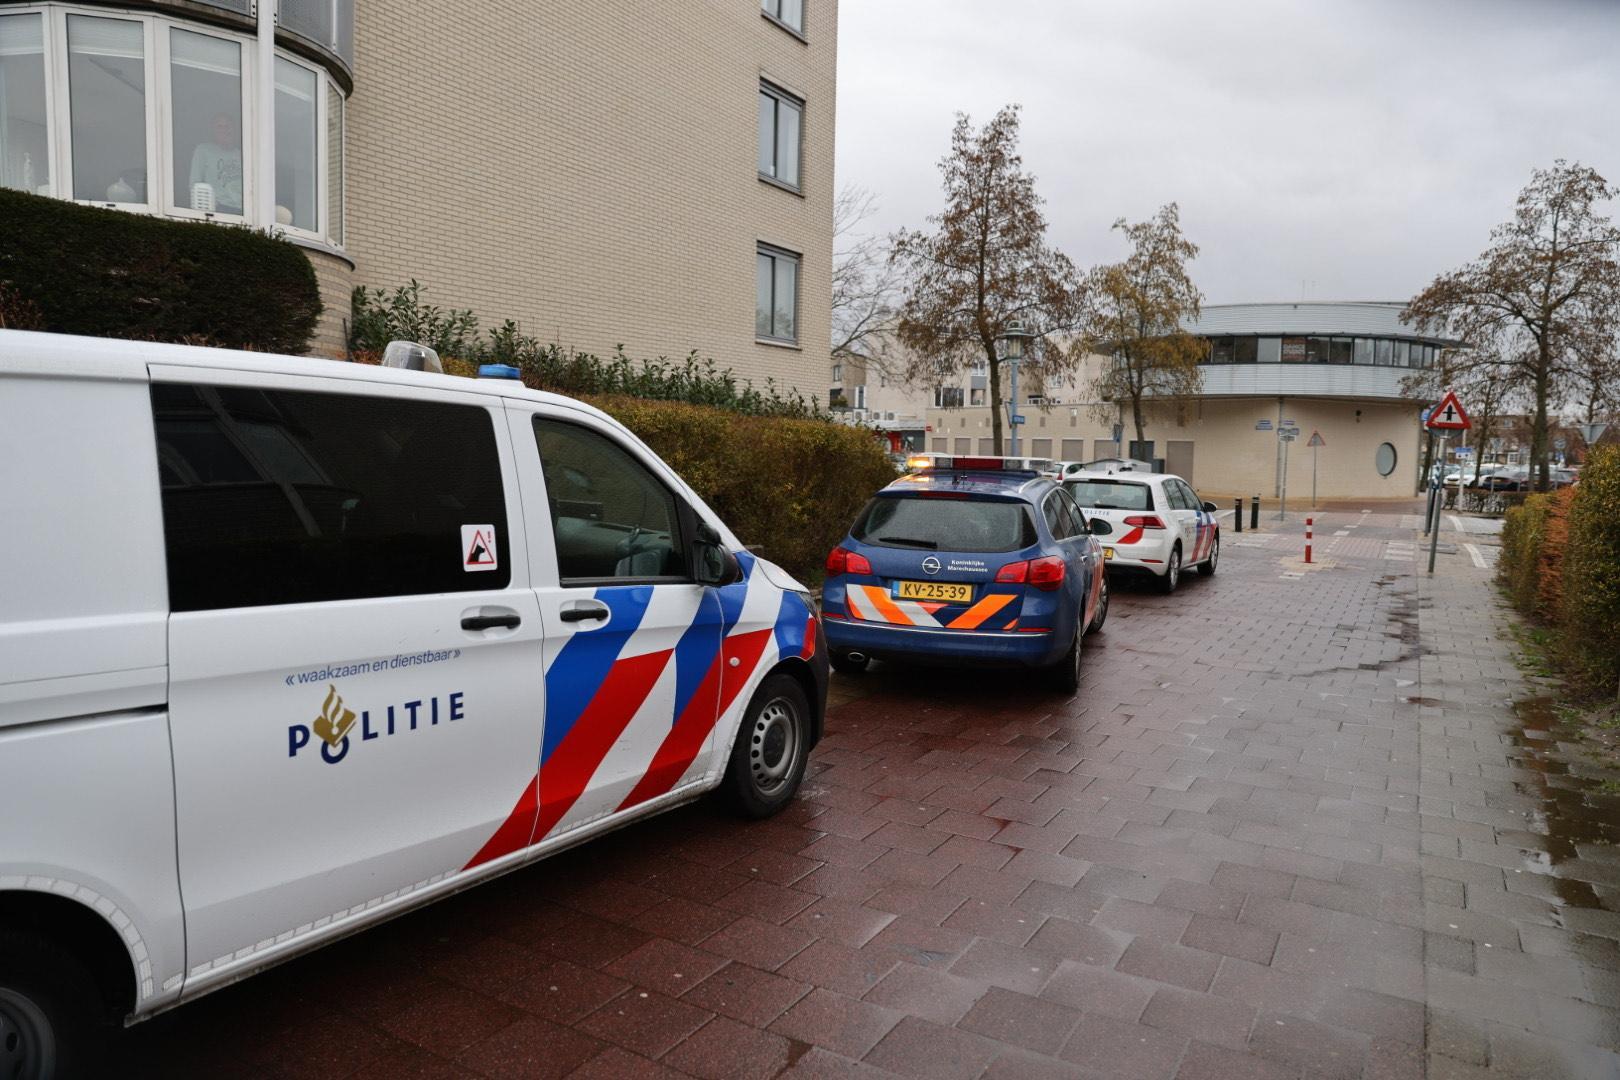 Handhaver mishandeld in Velserbroek, een persoon aangehouden [update]